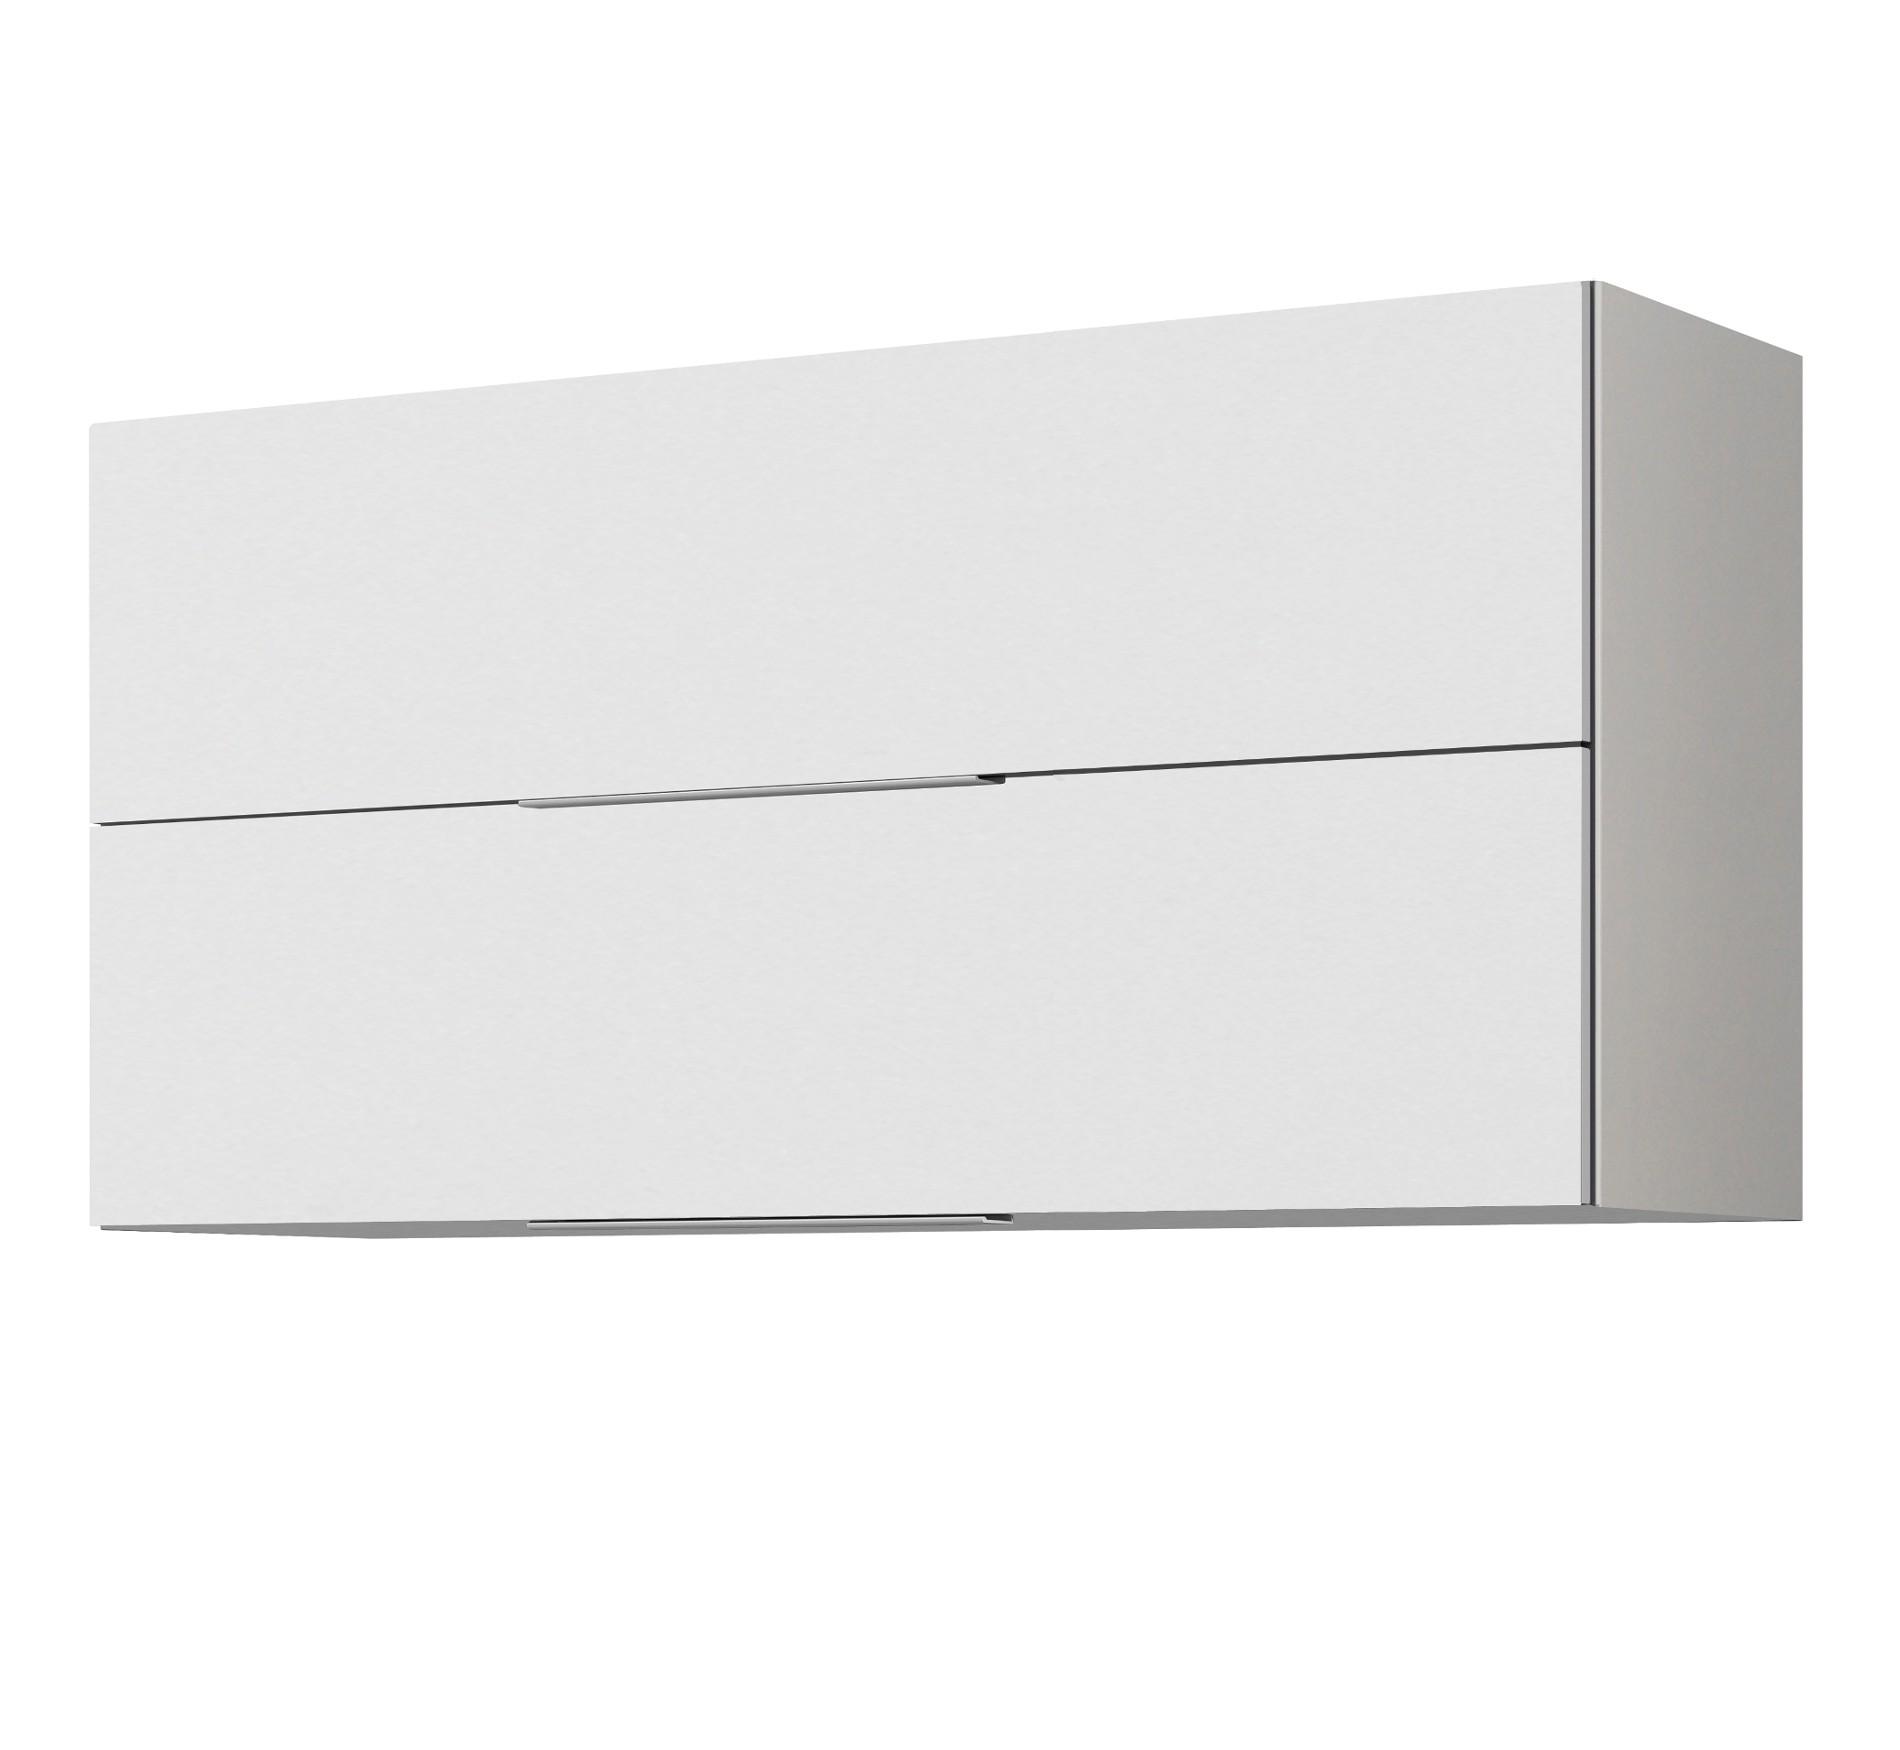 Küchen-Hängeschrank HAMBURG - 2 Klappen - 110 cm breit - Hochglanz ...